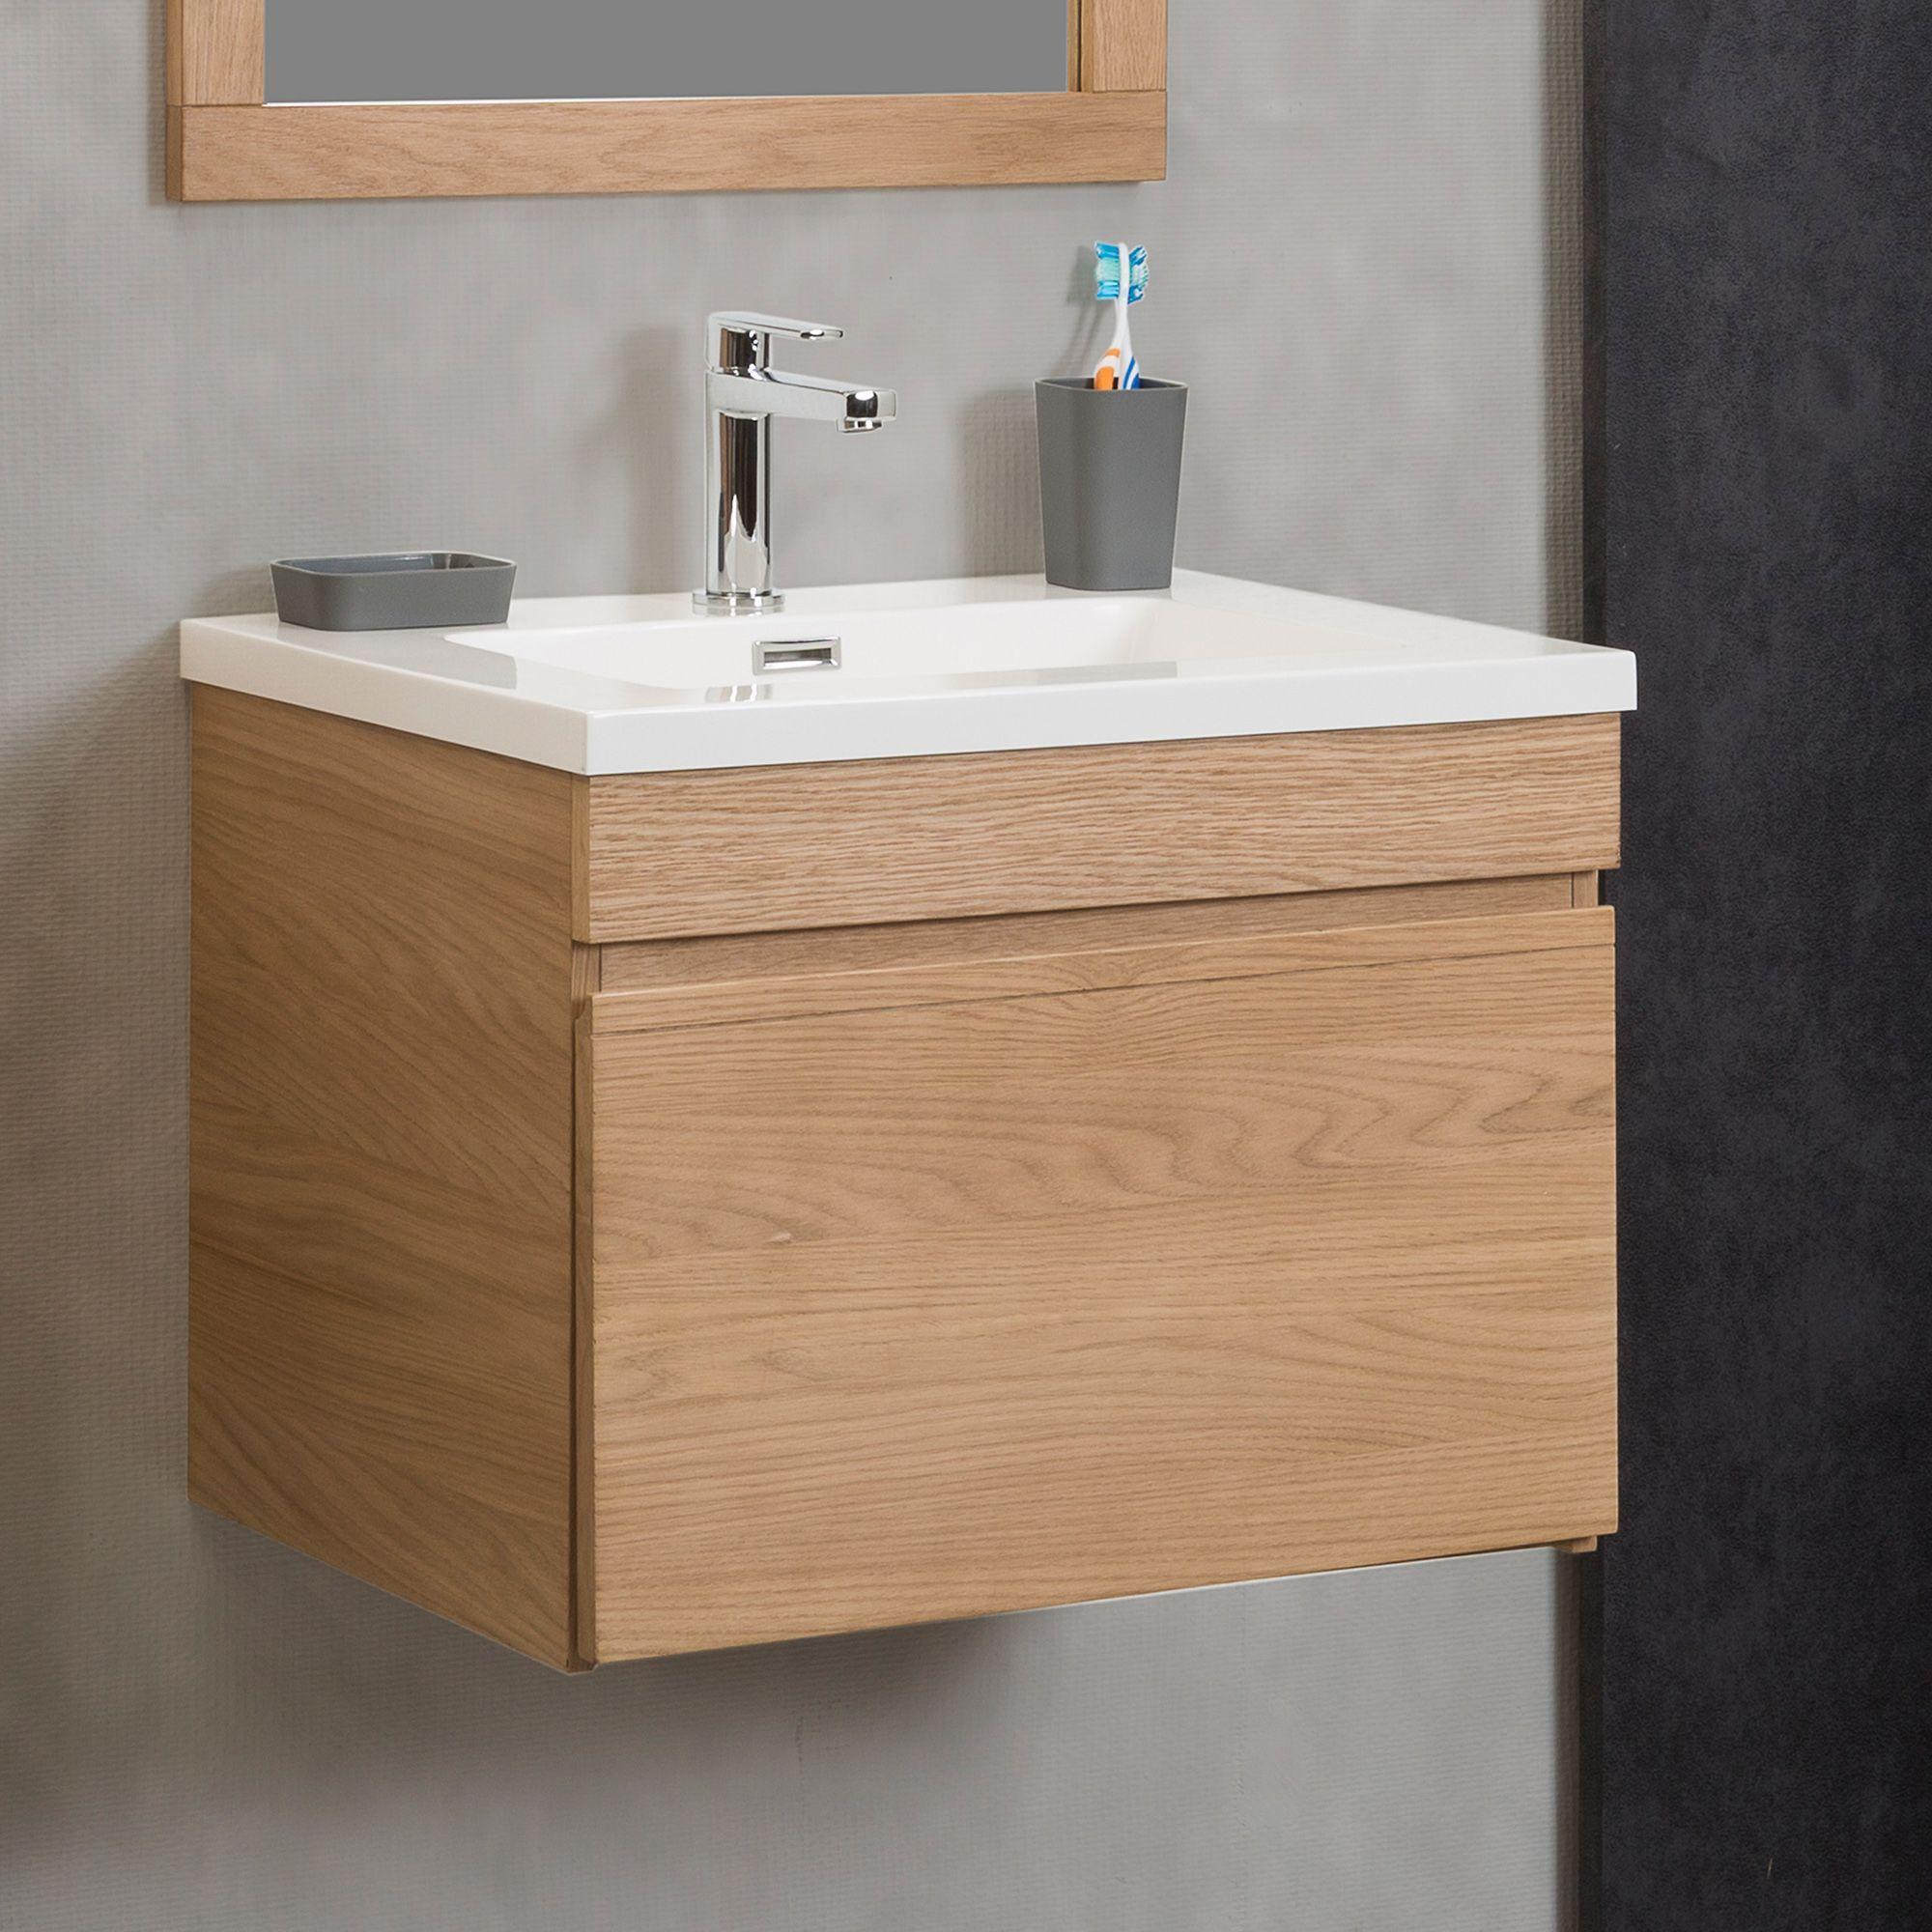 Meuble sous vasque simple 60cm Acme Les meubles sous vasques